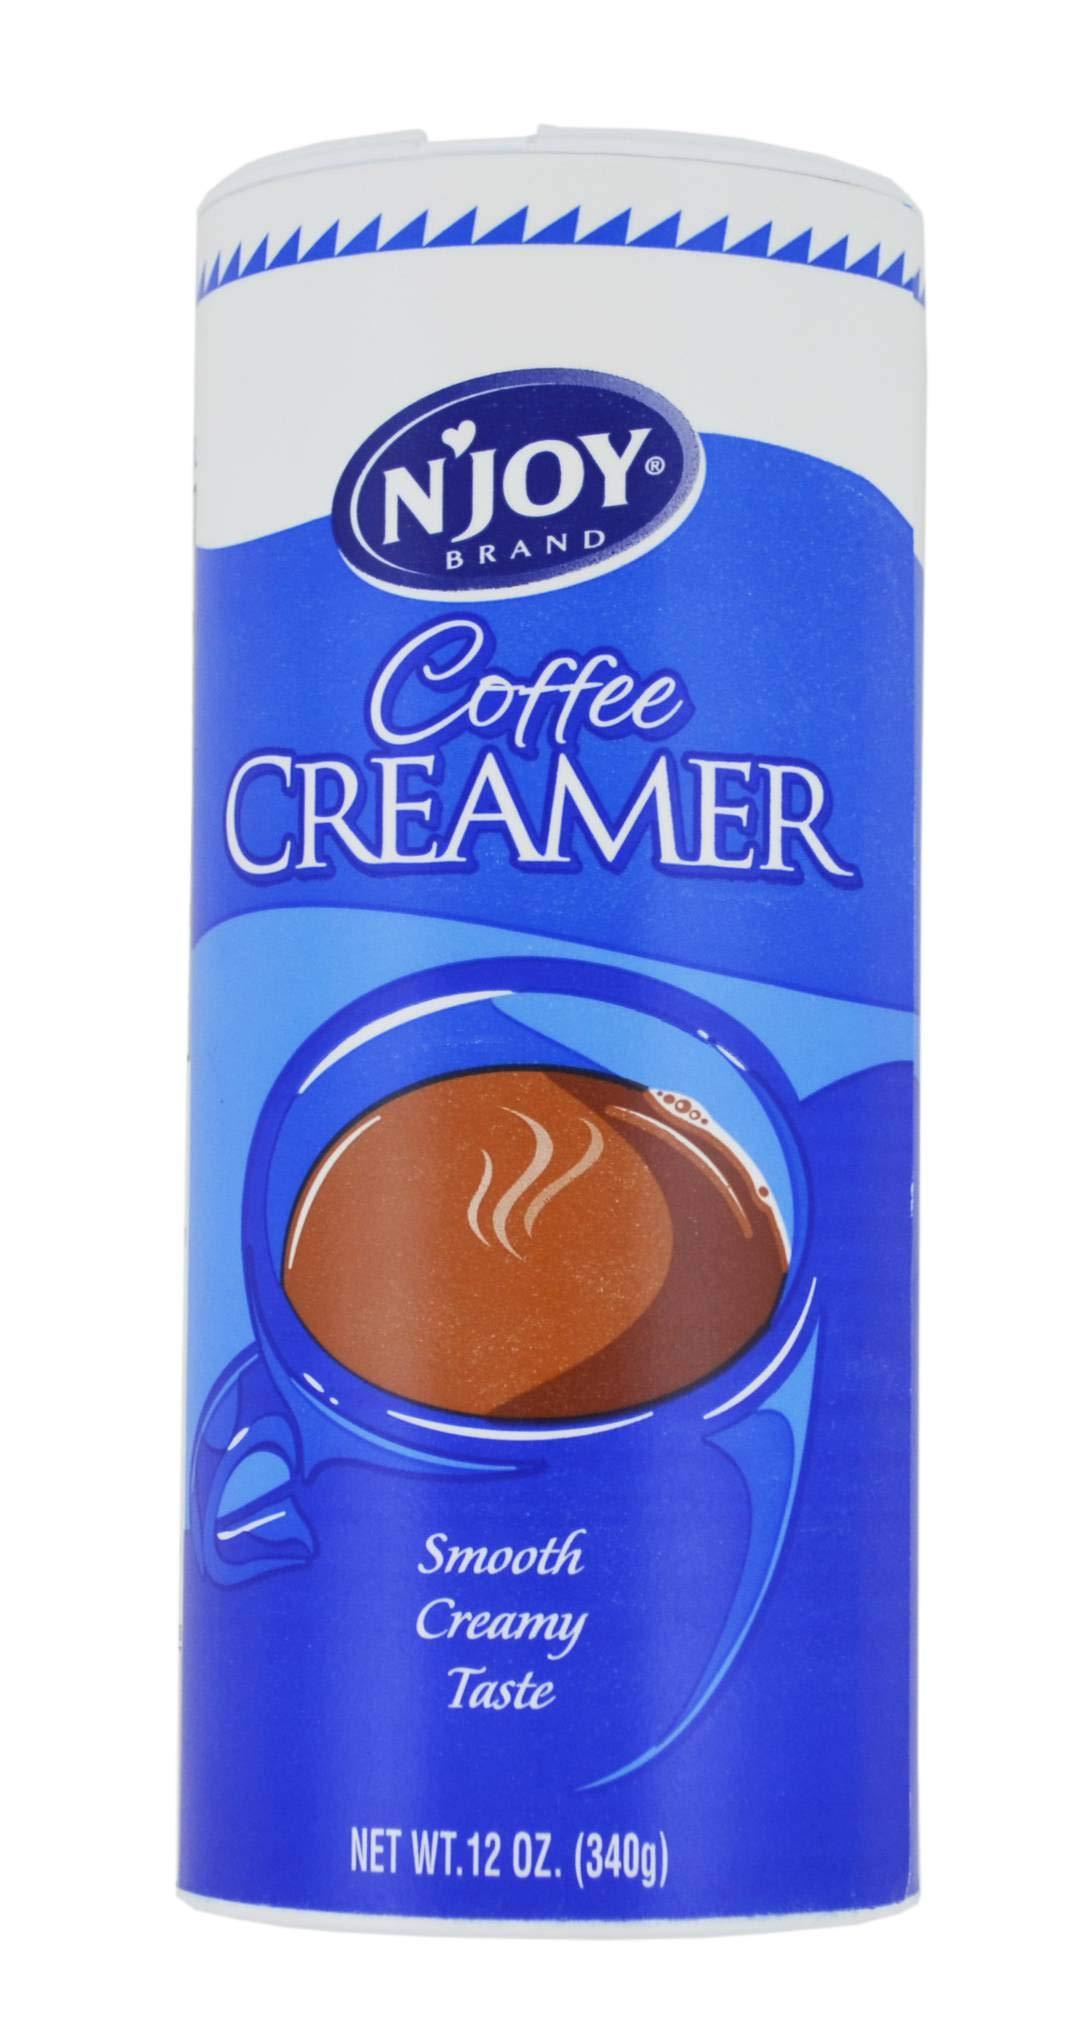 NJoy Non Dairy Powder Creamer - 12 oz. can, 24 cans per case